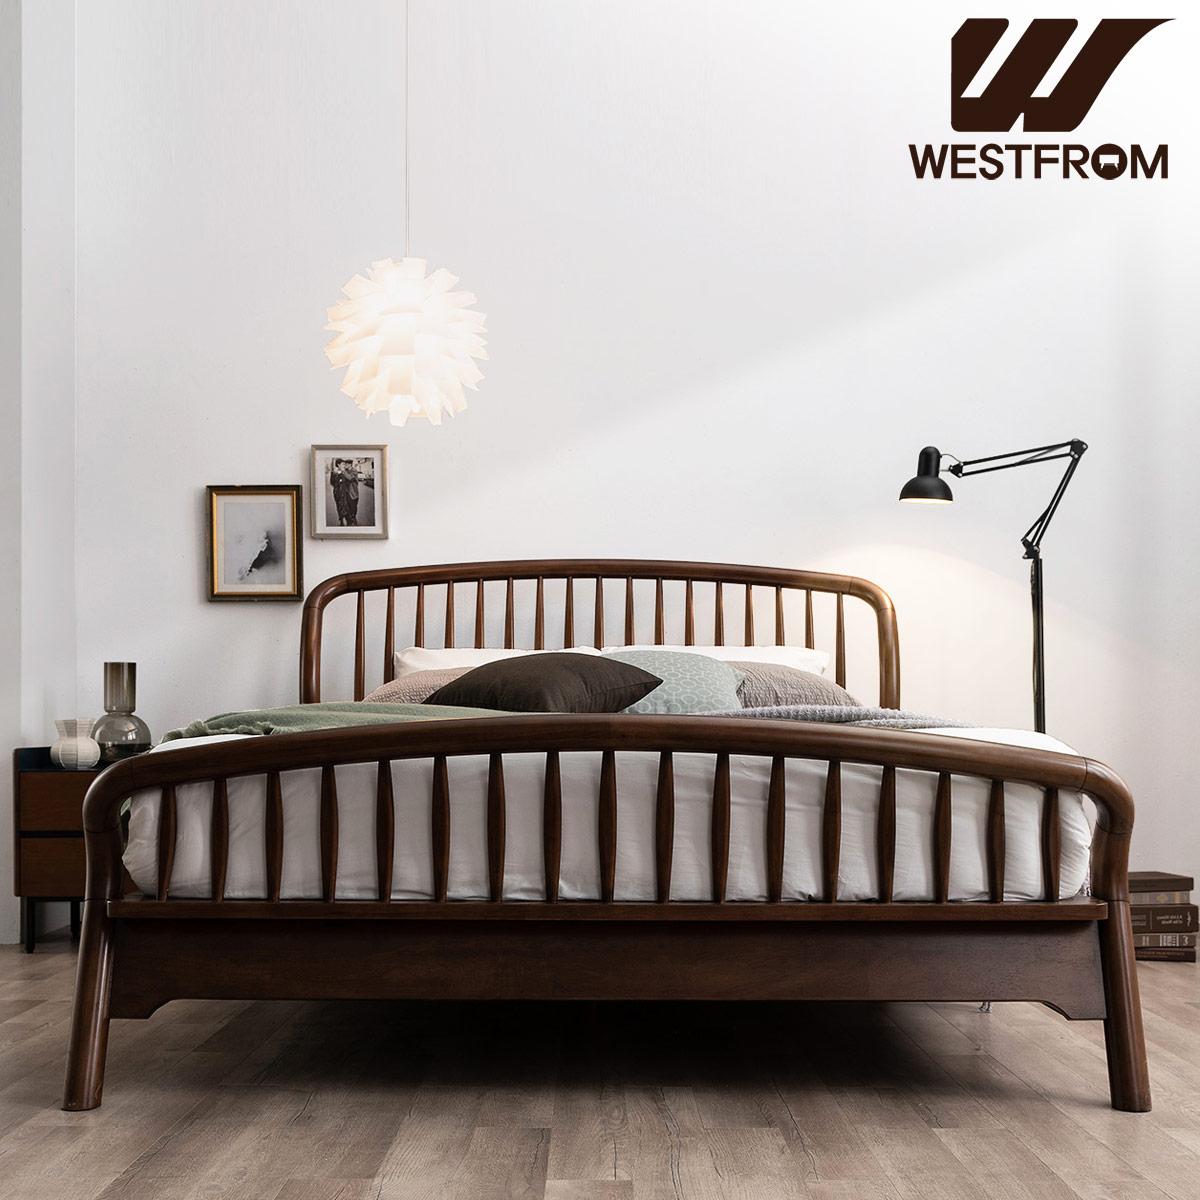 [웨스트프롬] 빈티지 두오모) 원목 평상형 침대(퀸) / 텐더 리버 매트리스 / 전국착불